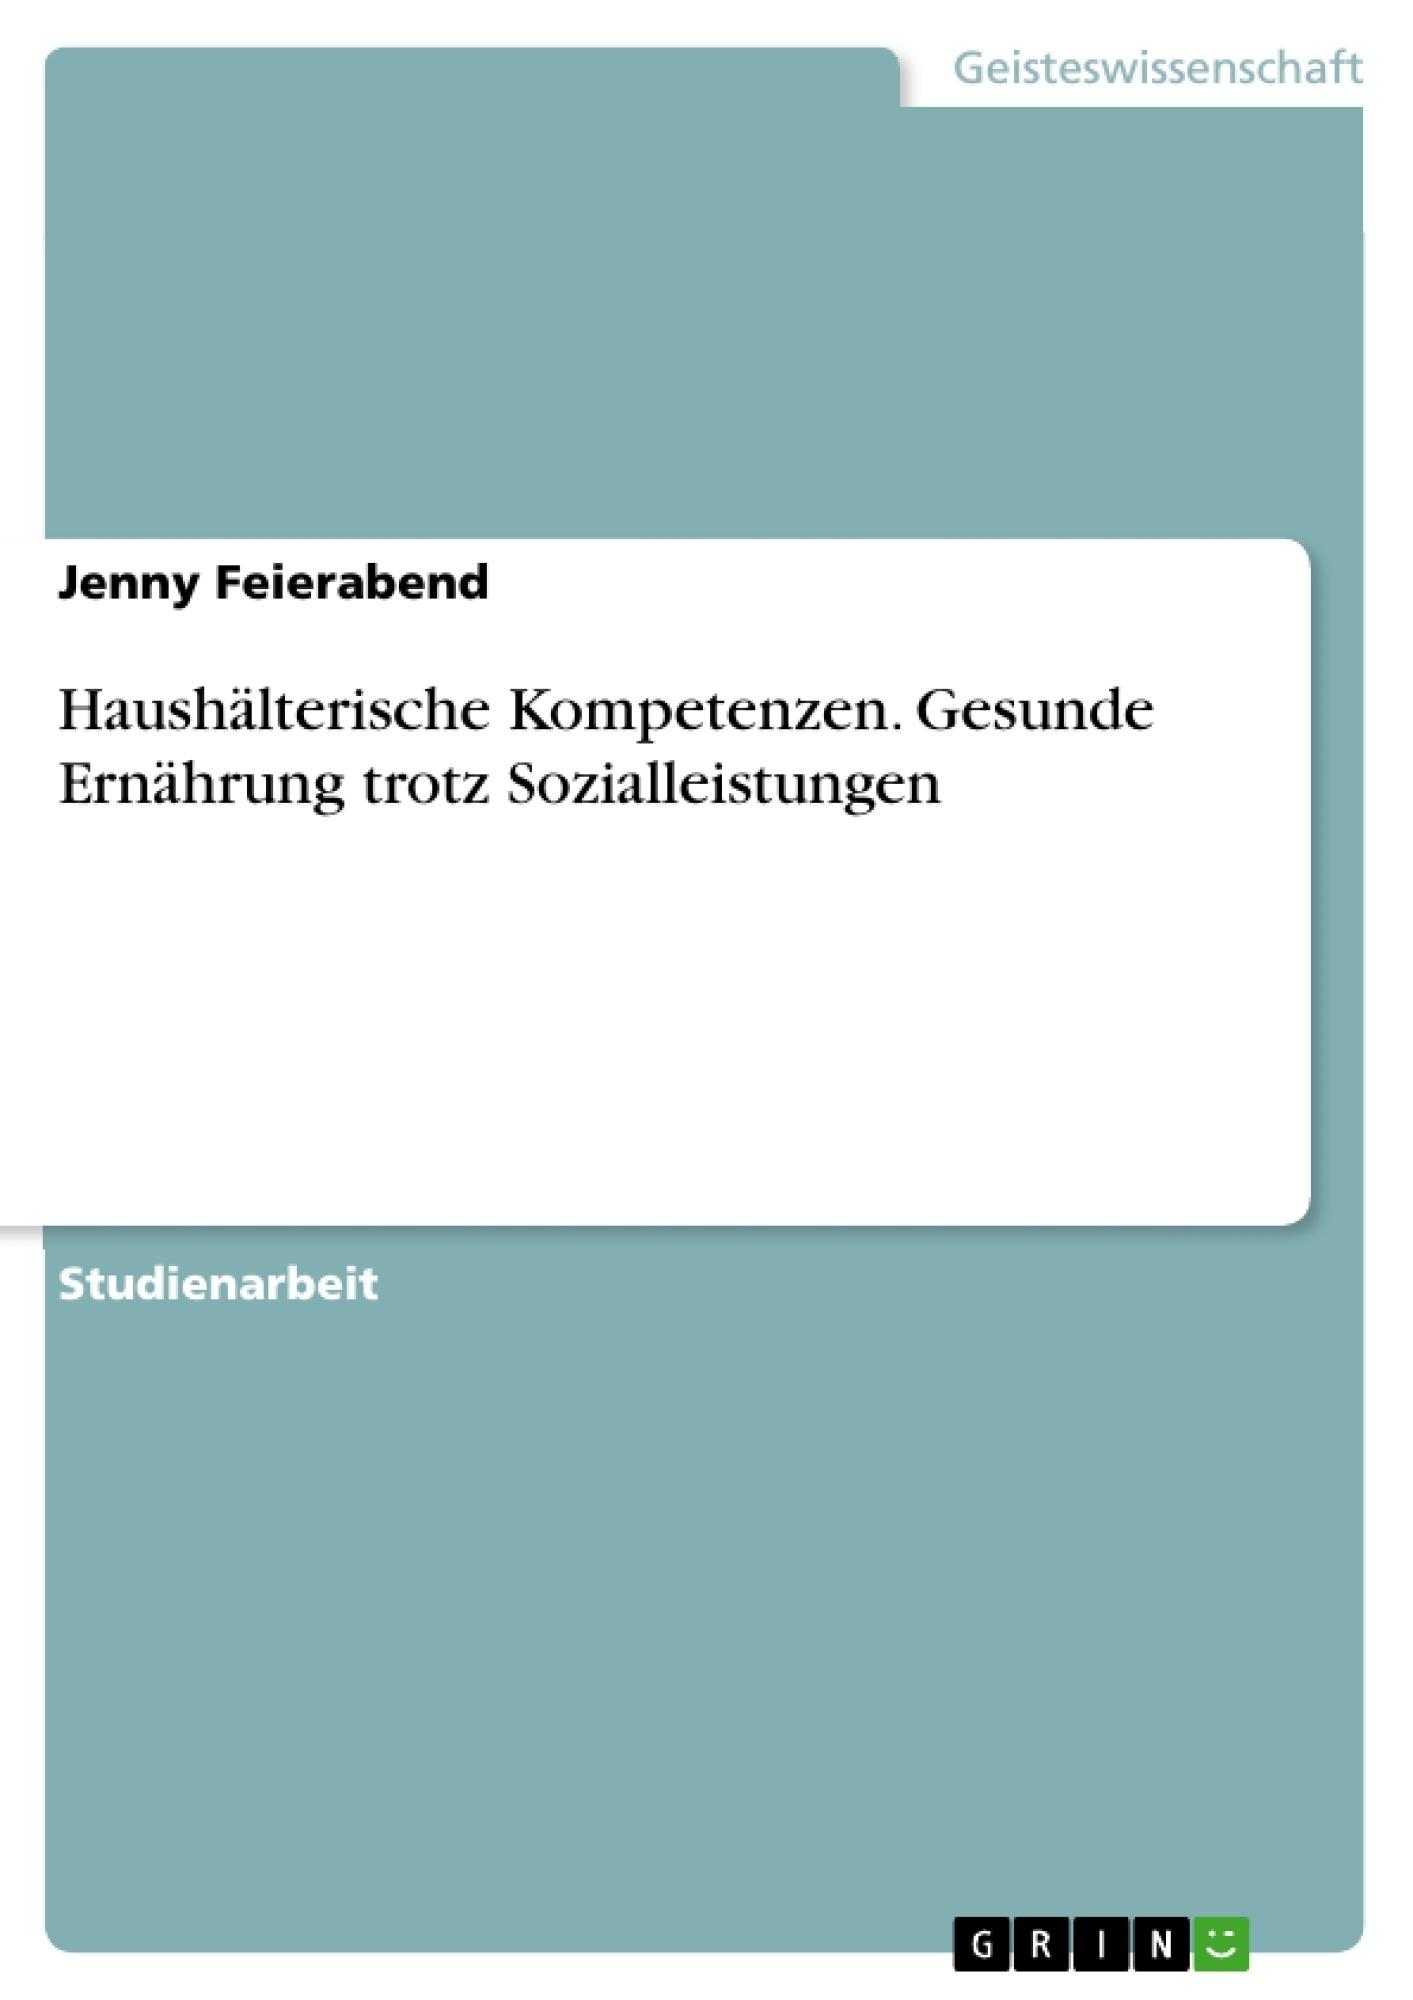 Titel: Haushälterische Kompetenzen. Gesunde Ernährung trotz Sozialleistungen